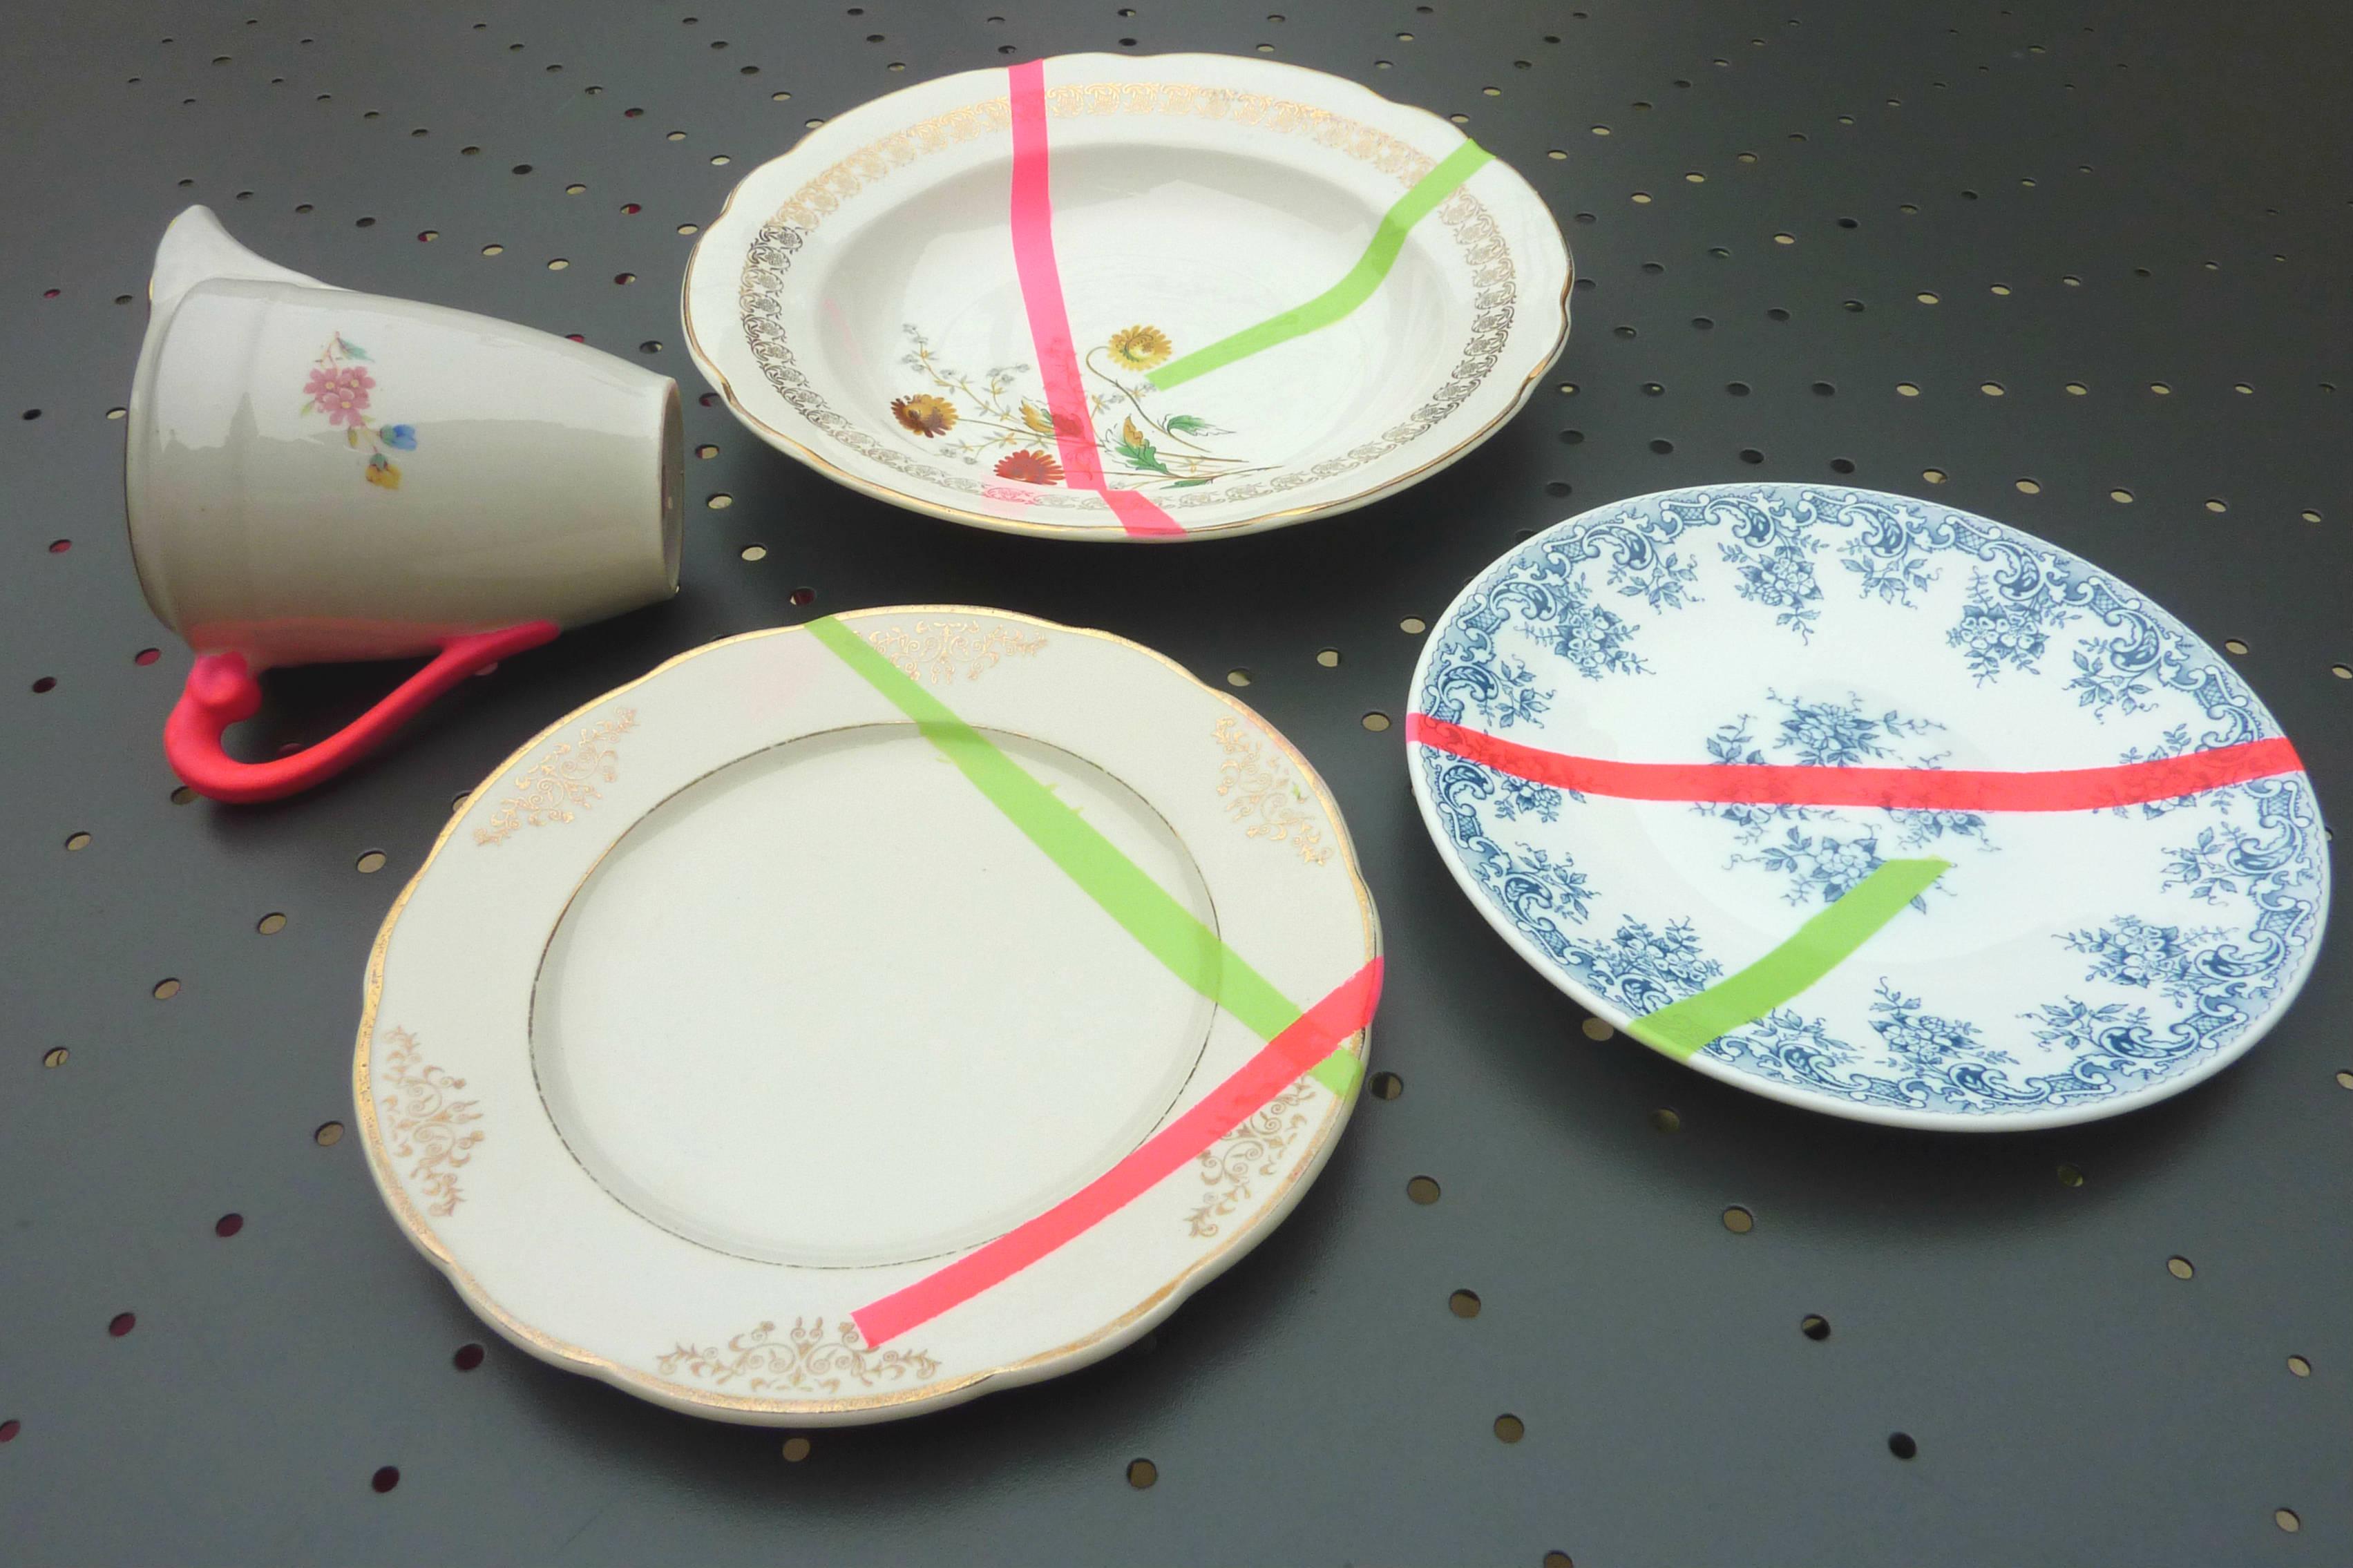 D ringardise la vaisselle de ta mamie wool ma poule - Peinture pour vaisselle ...